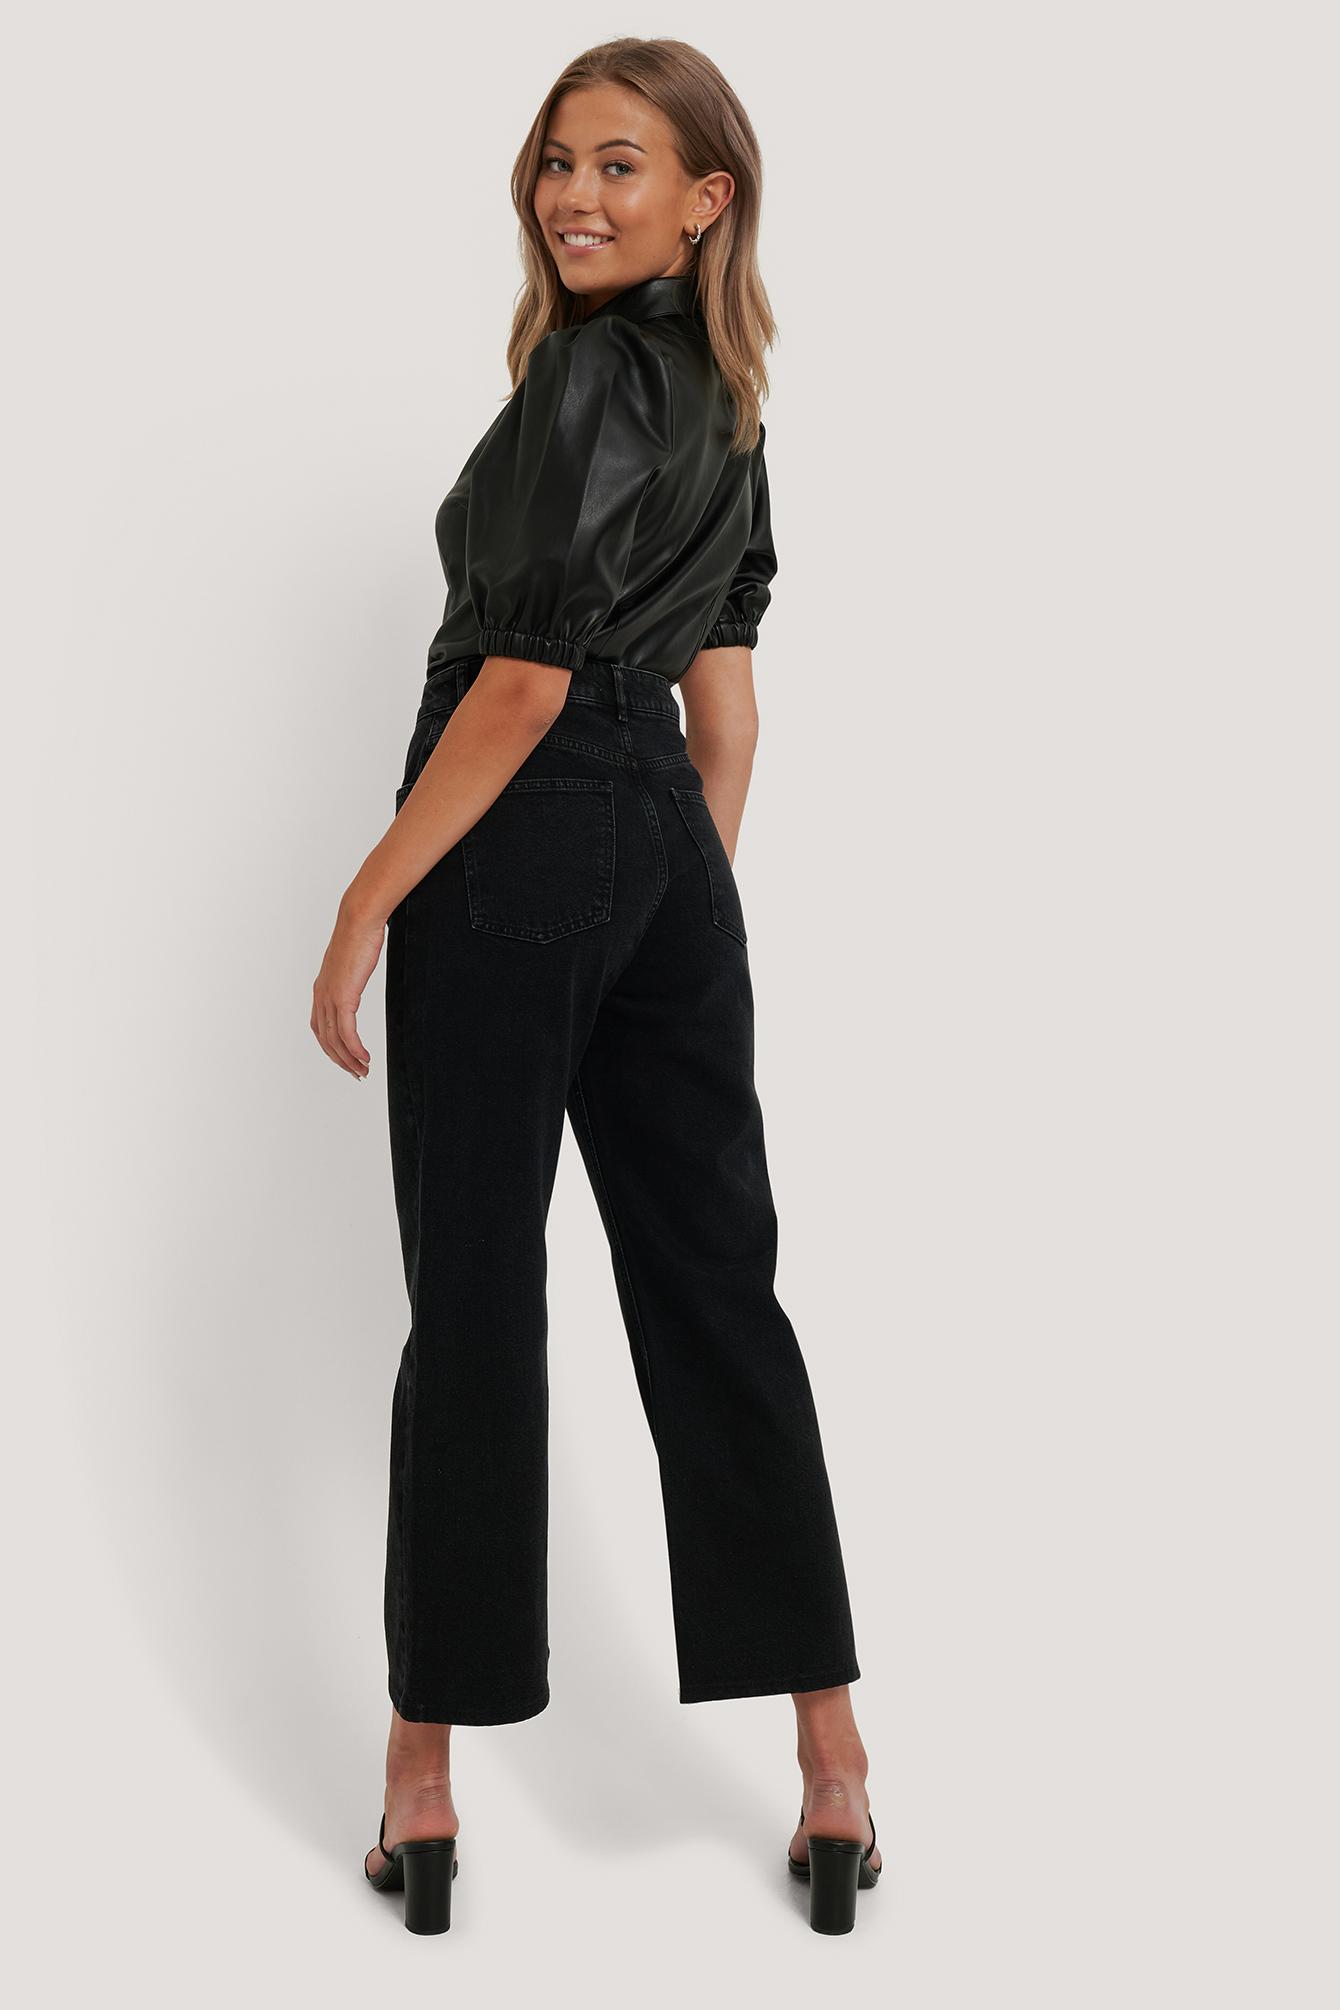 NA-KD Stumpe jeans m. vidde, black, 40